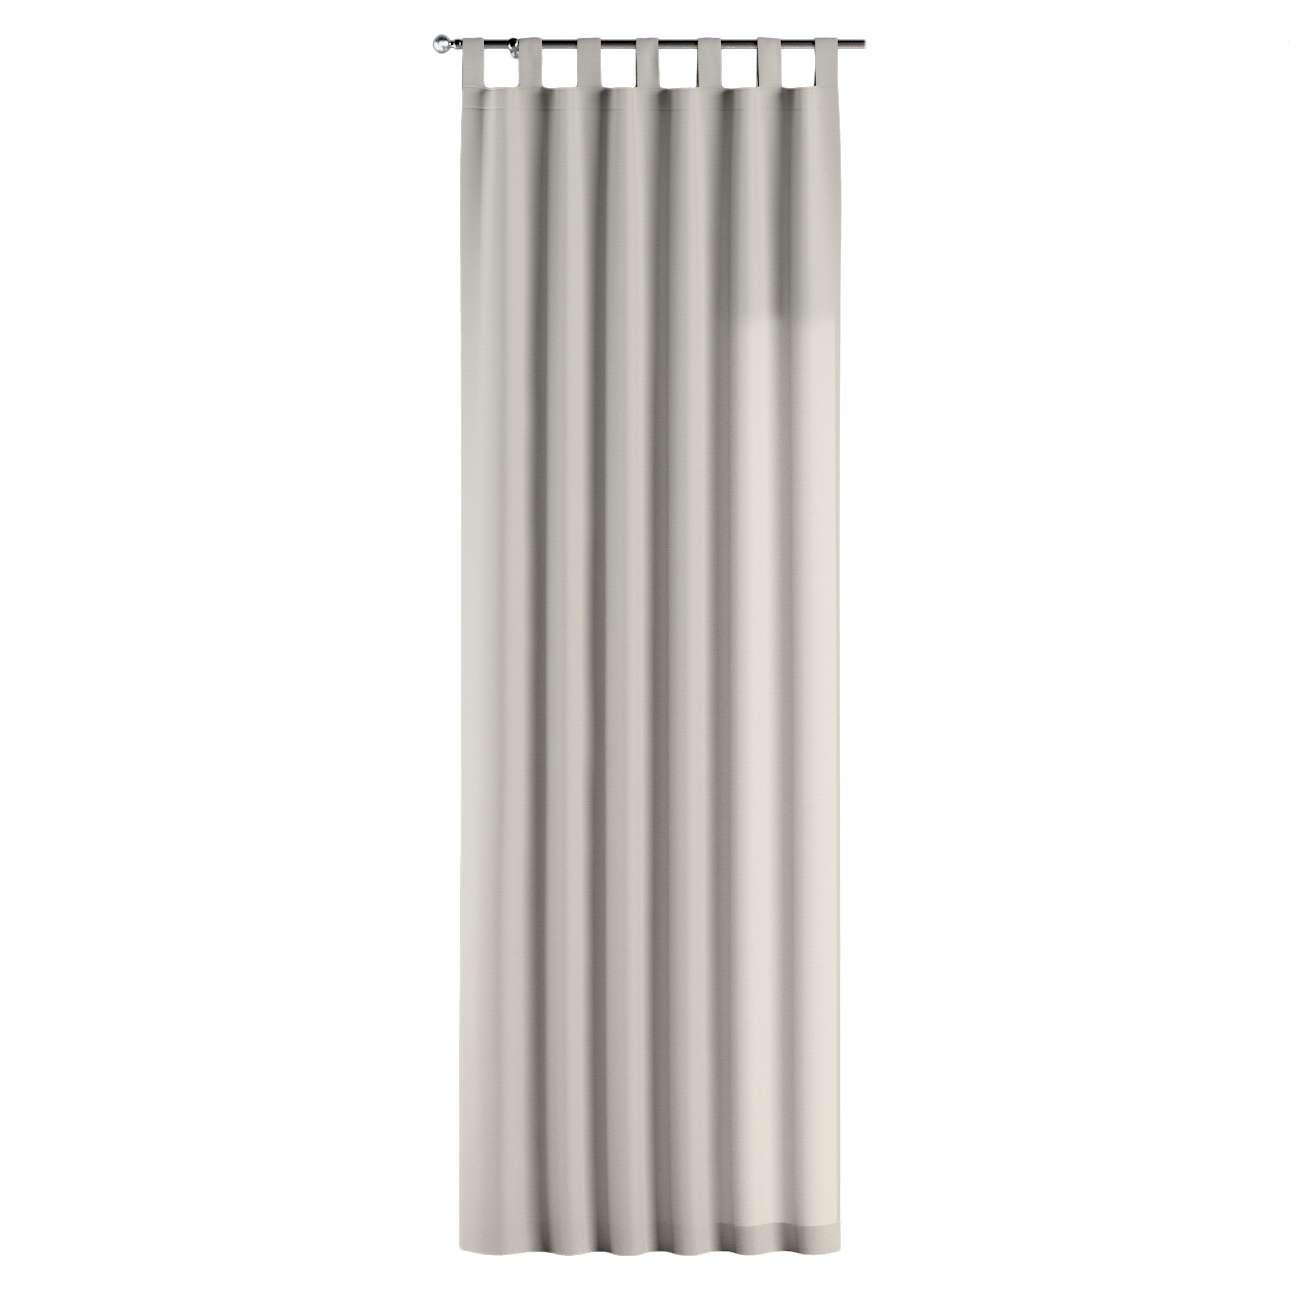 Kilpinio klostavimo užuolaidos 130 x 260 cm (plotis x ilgis) kolekcijoje Cotton Panama, audinys: 702-31